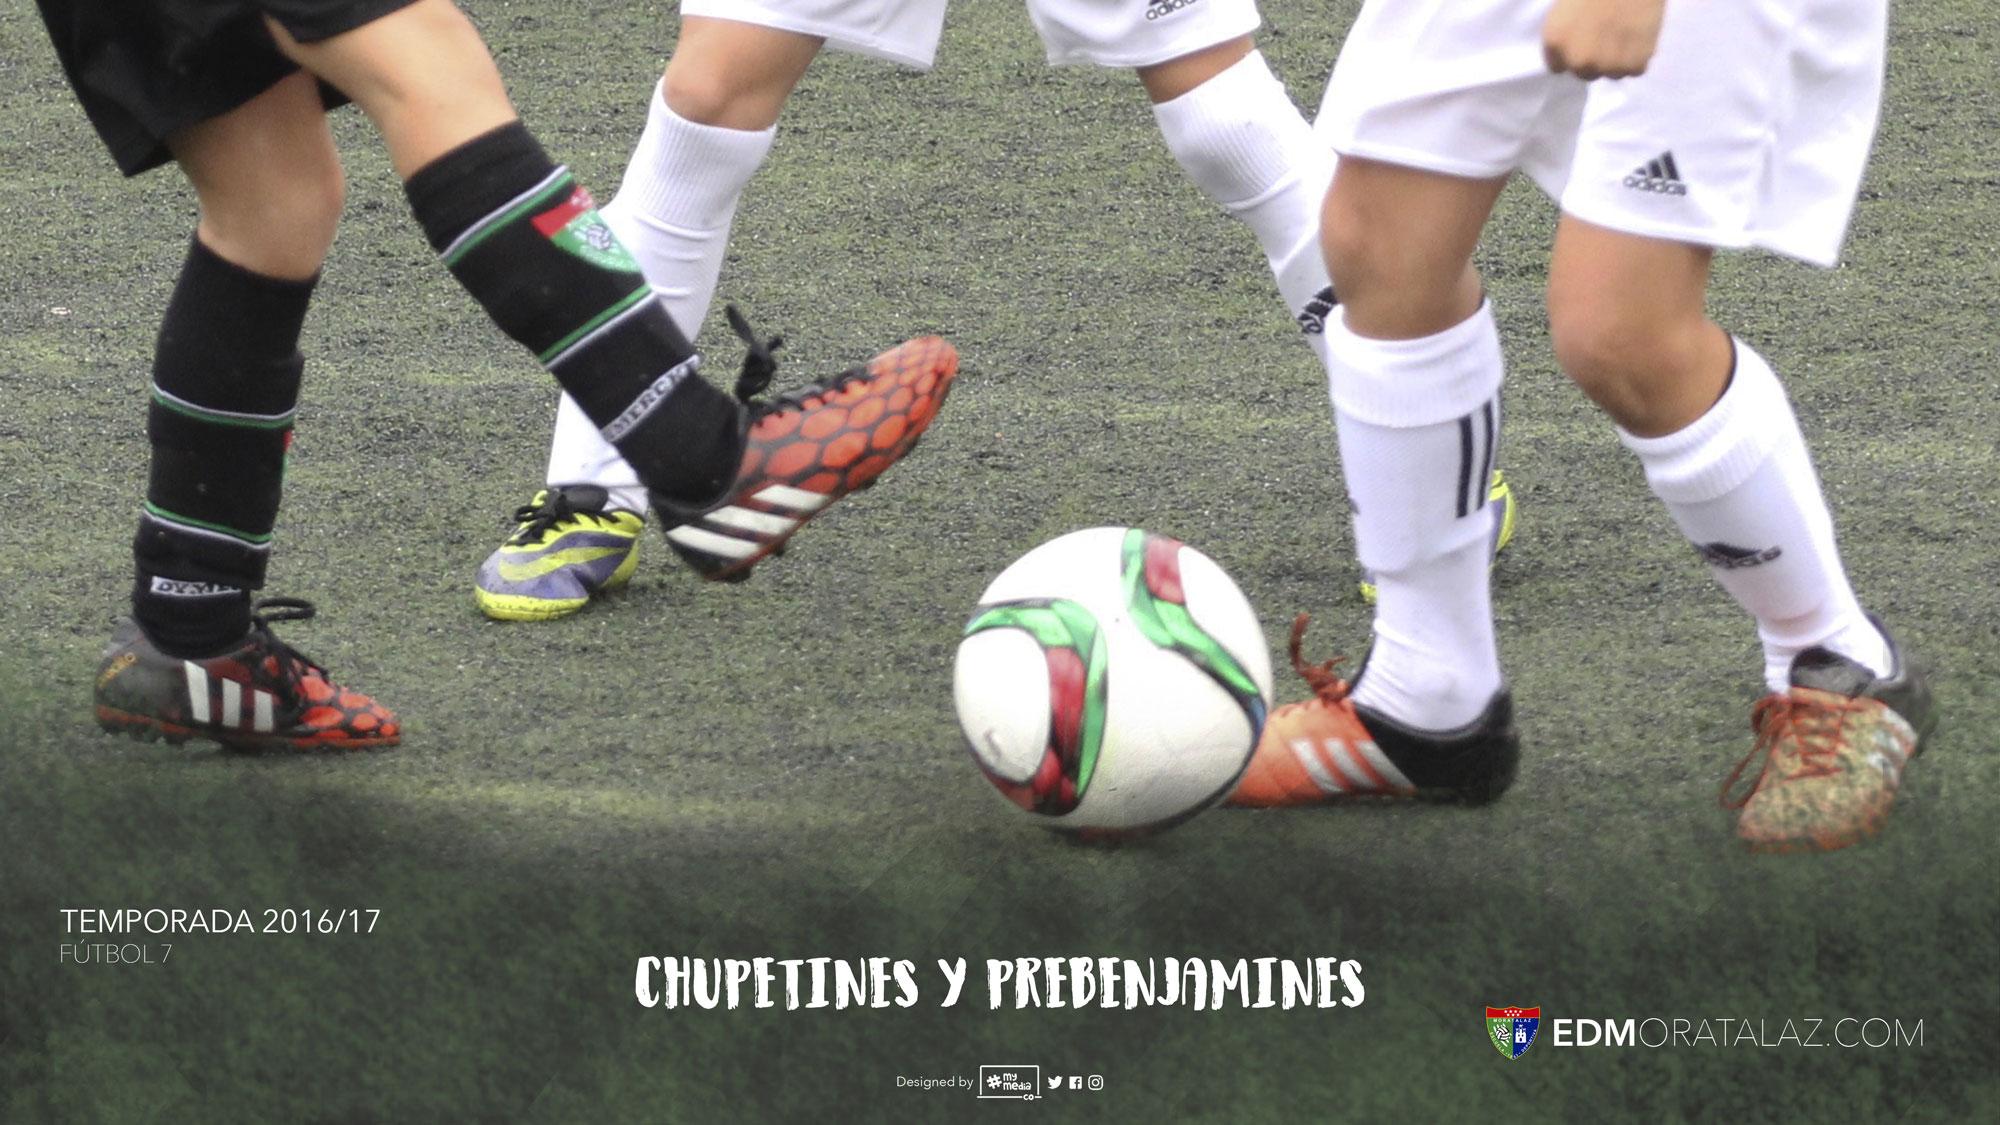 Chupetines y Prebenjamines: resumen de la Temporada 2016/17